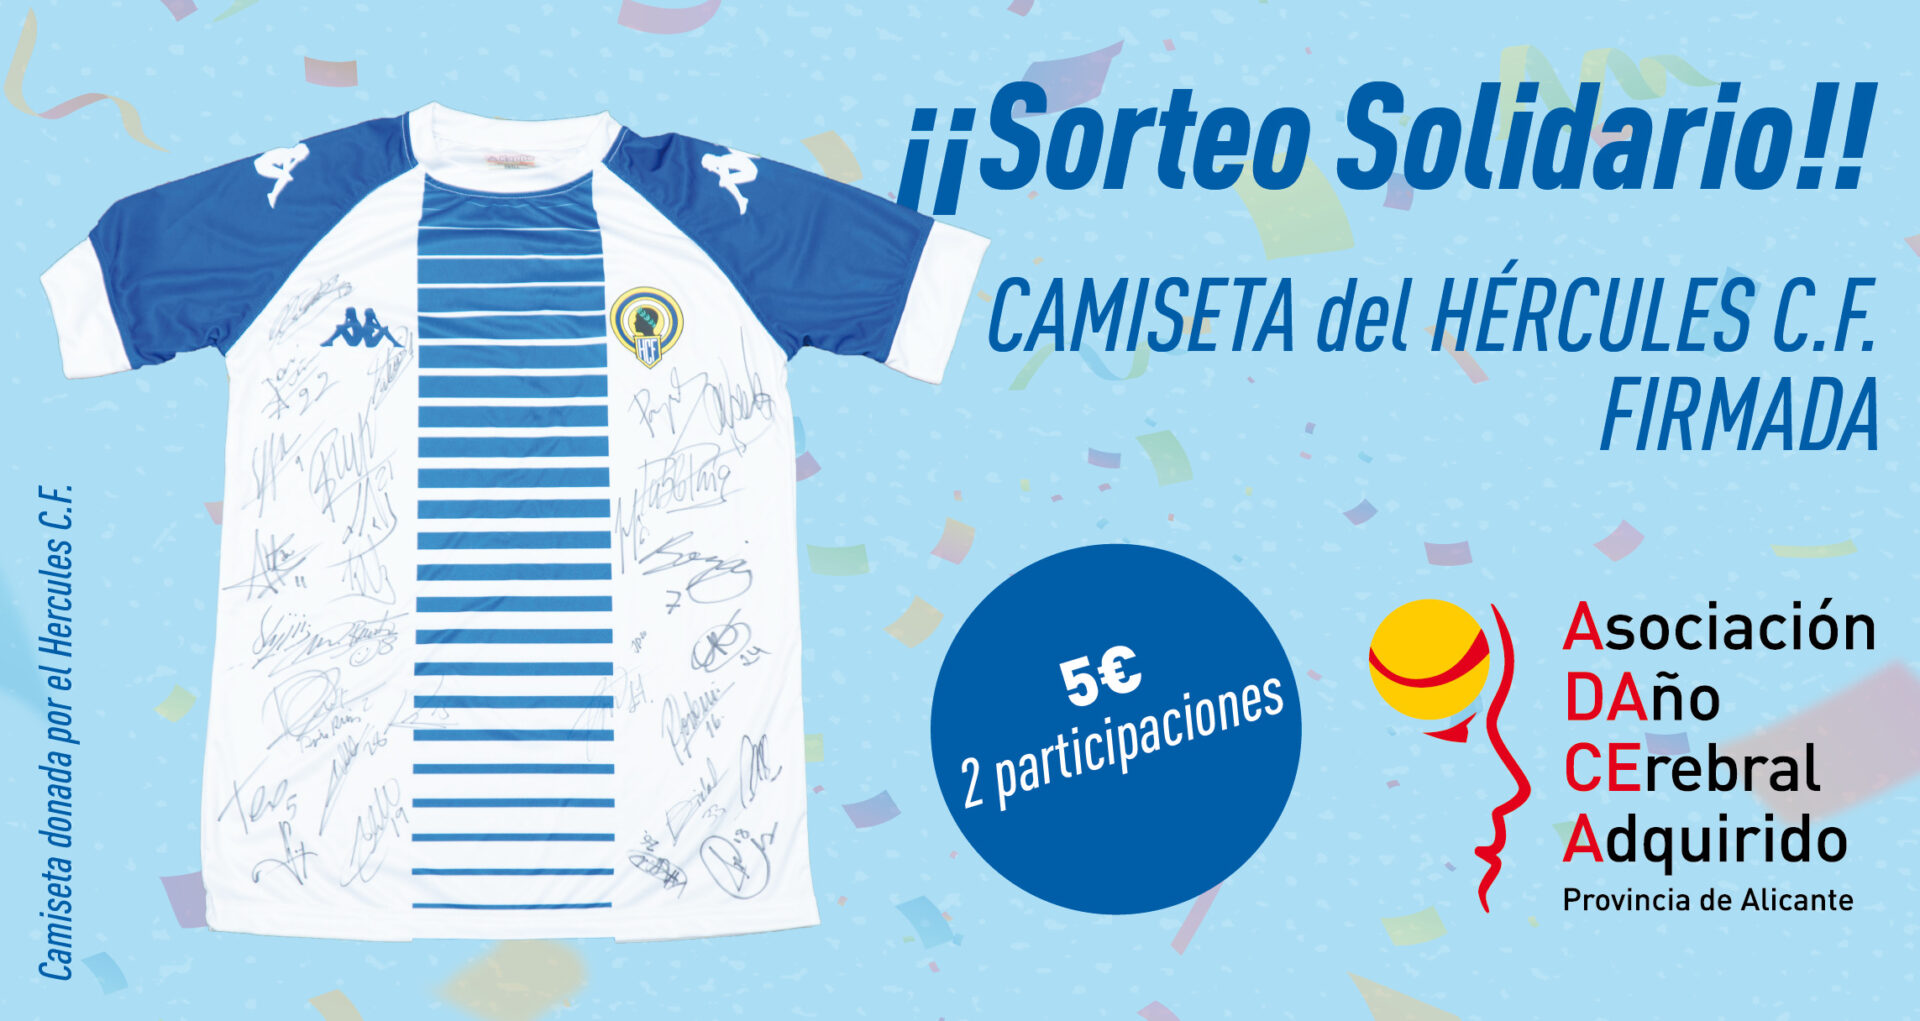 Sorteamos una camiseta del Hércules C.F. el próximo 17 de septiembre